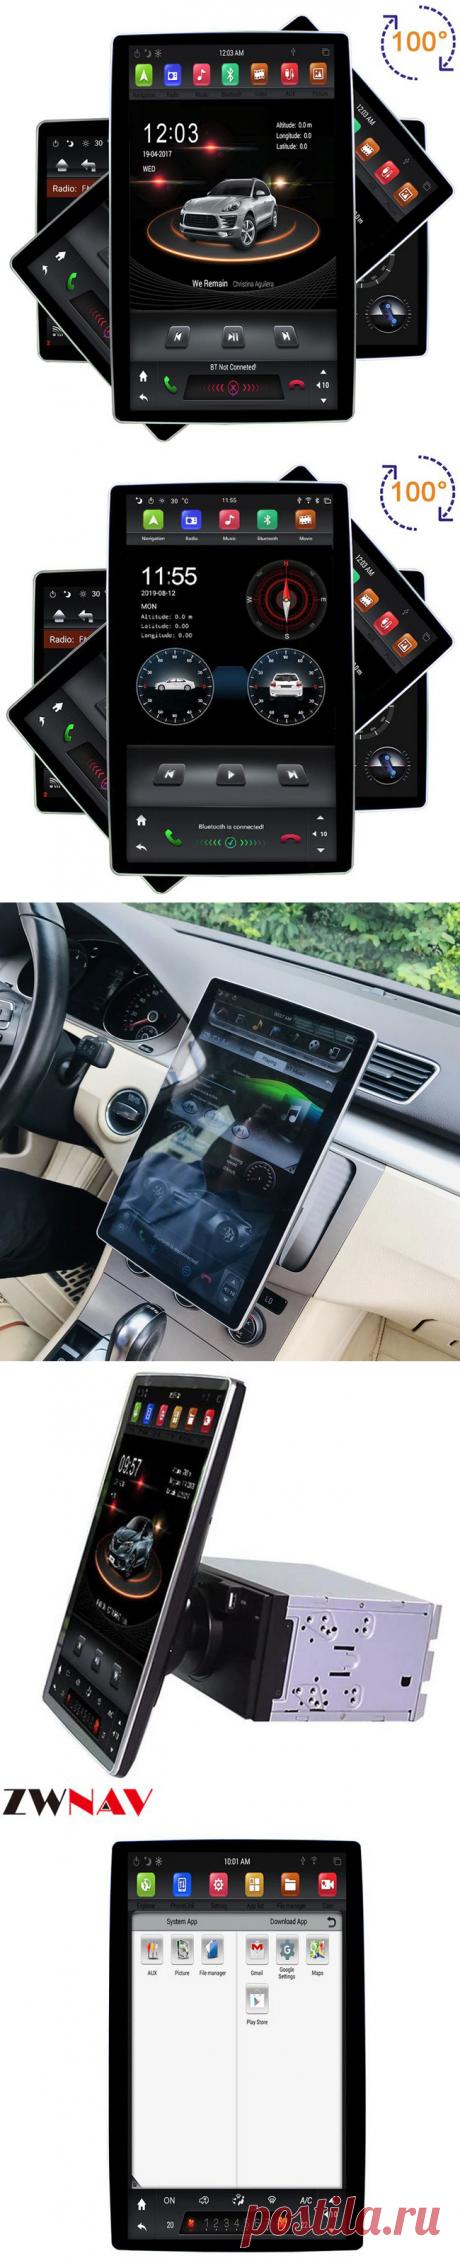 Топ-5 автомагнитол с большим HD 12,8 монитором в стиле Тесла с Алиэкспресс – Super-Blog